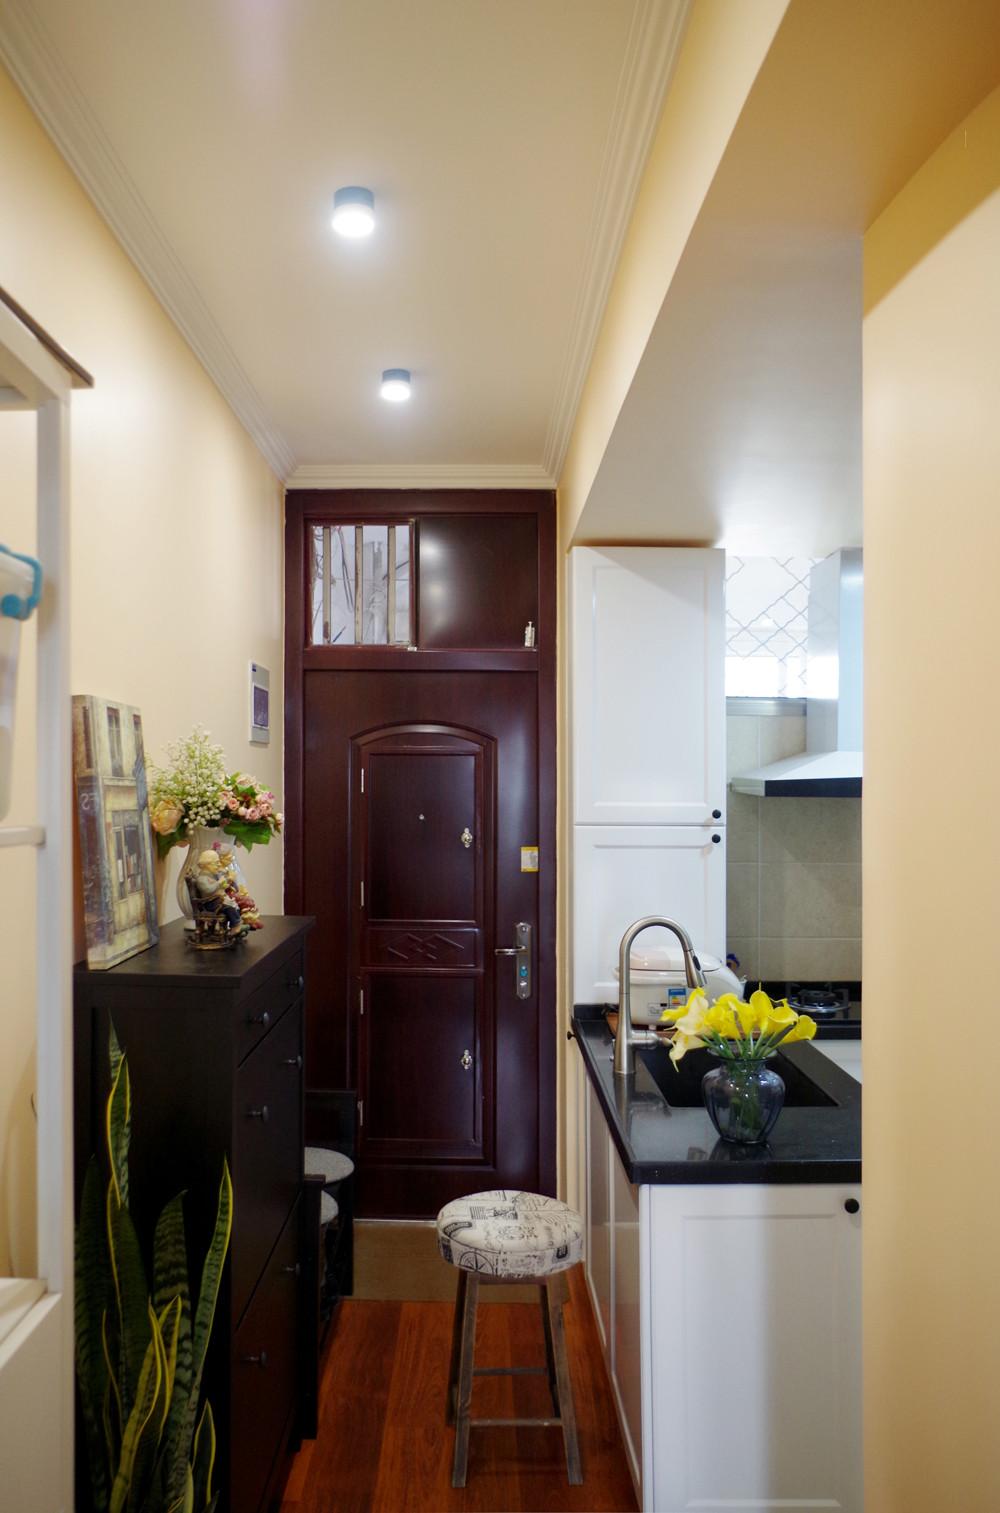 47㎡美式温馨小家装修门厅图片